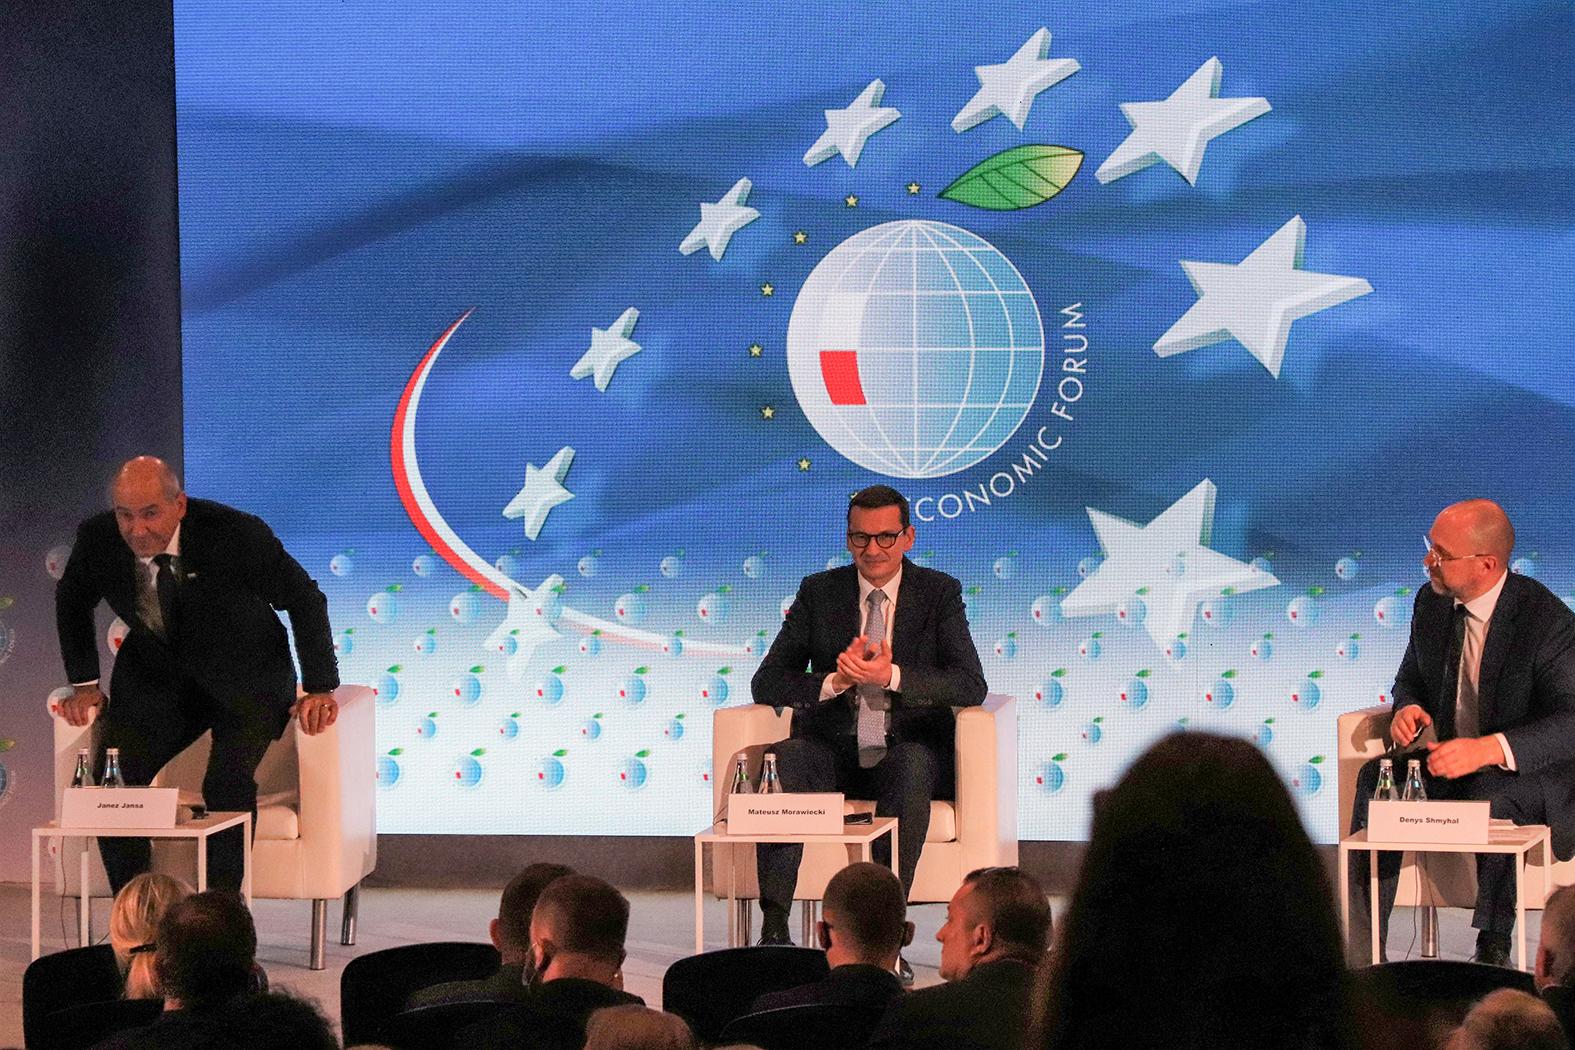 A Karpaczi Gazdasági Fórum utolsó napjának szakmai szempontból kiemelt záróeseményét jelentette Mateusz Morawiecki lengyel, Janez Jansa szlovén és Gyenyisz Smigal ukrán miniszterelnökök panelbeszélgetése #moszkvater